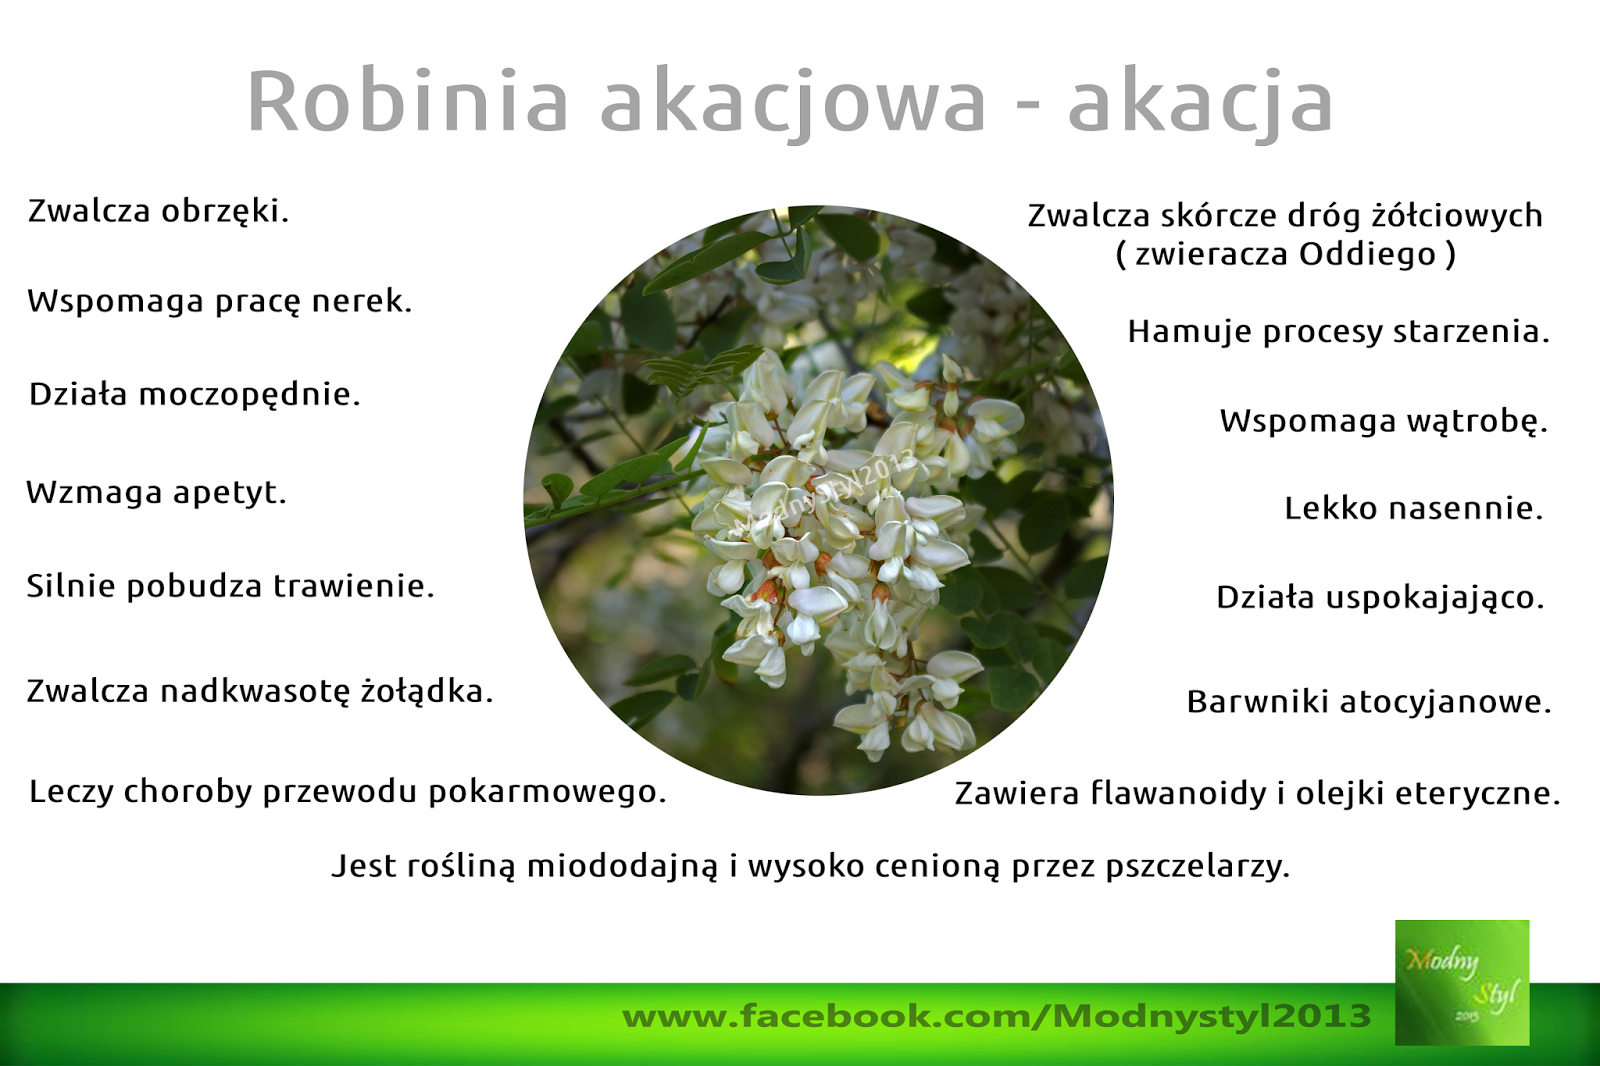 Robinia akacjowa czyli akacja